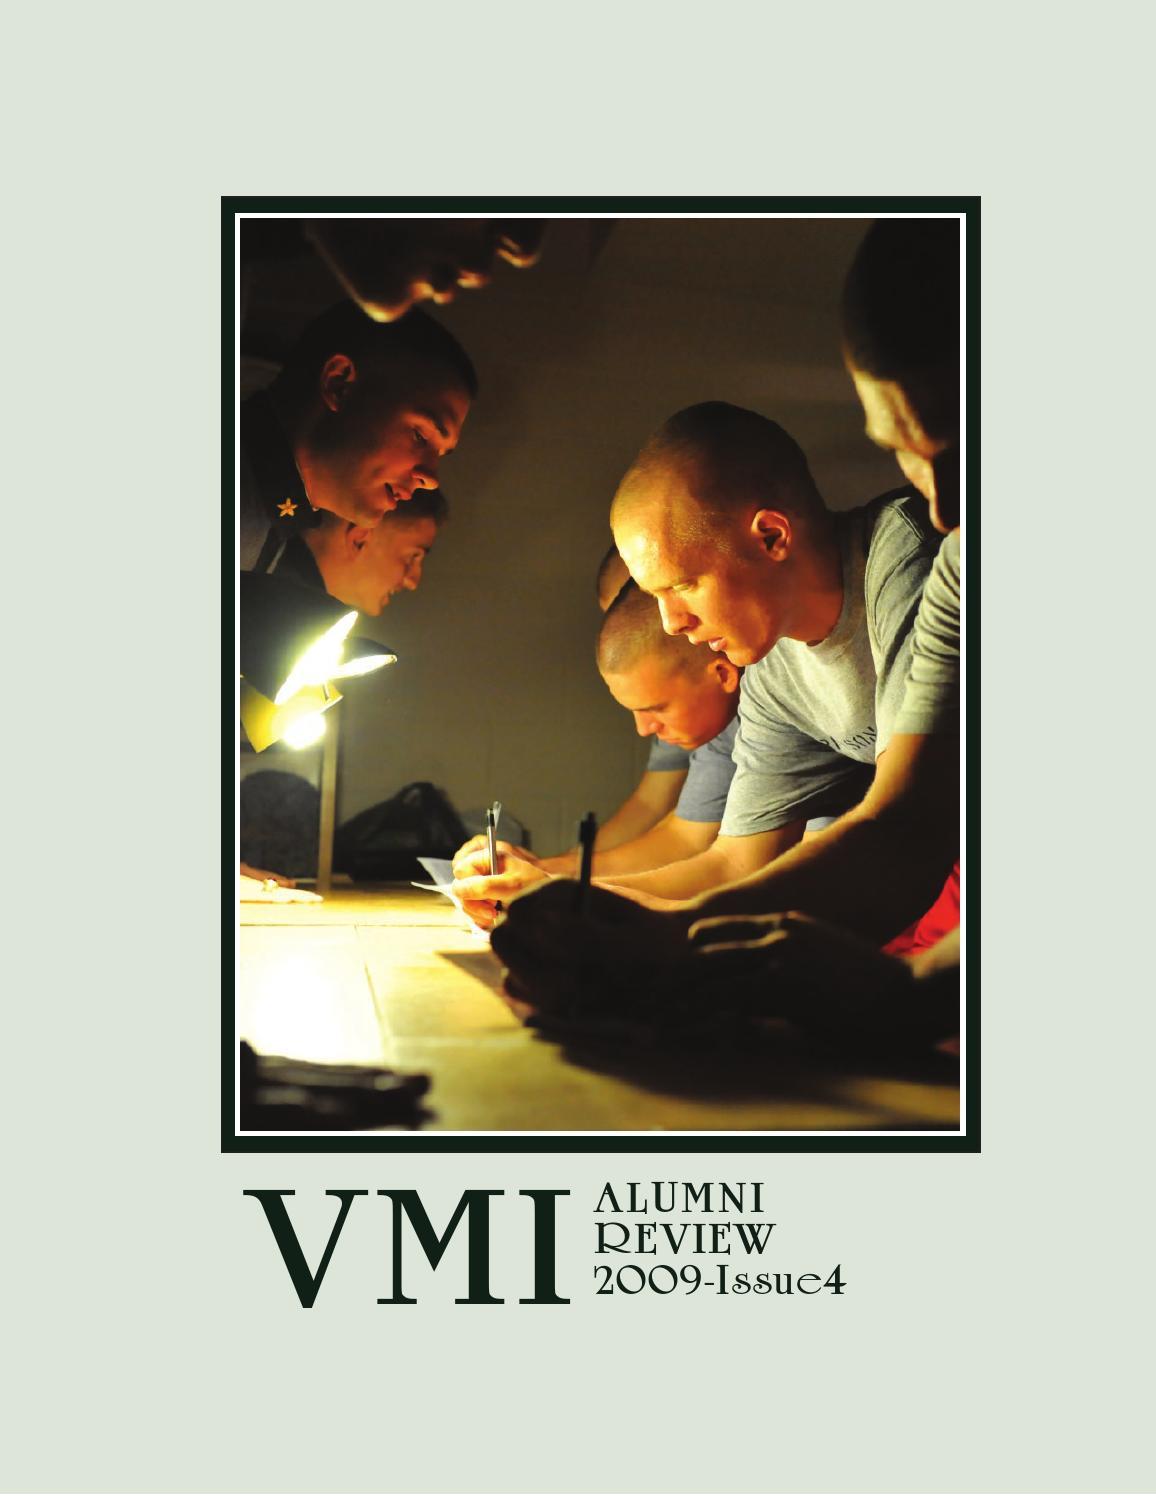 a08ac51f7 Alumni Review 2009 Issue 4 by VMI Alumni Agencies - issuu